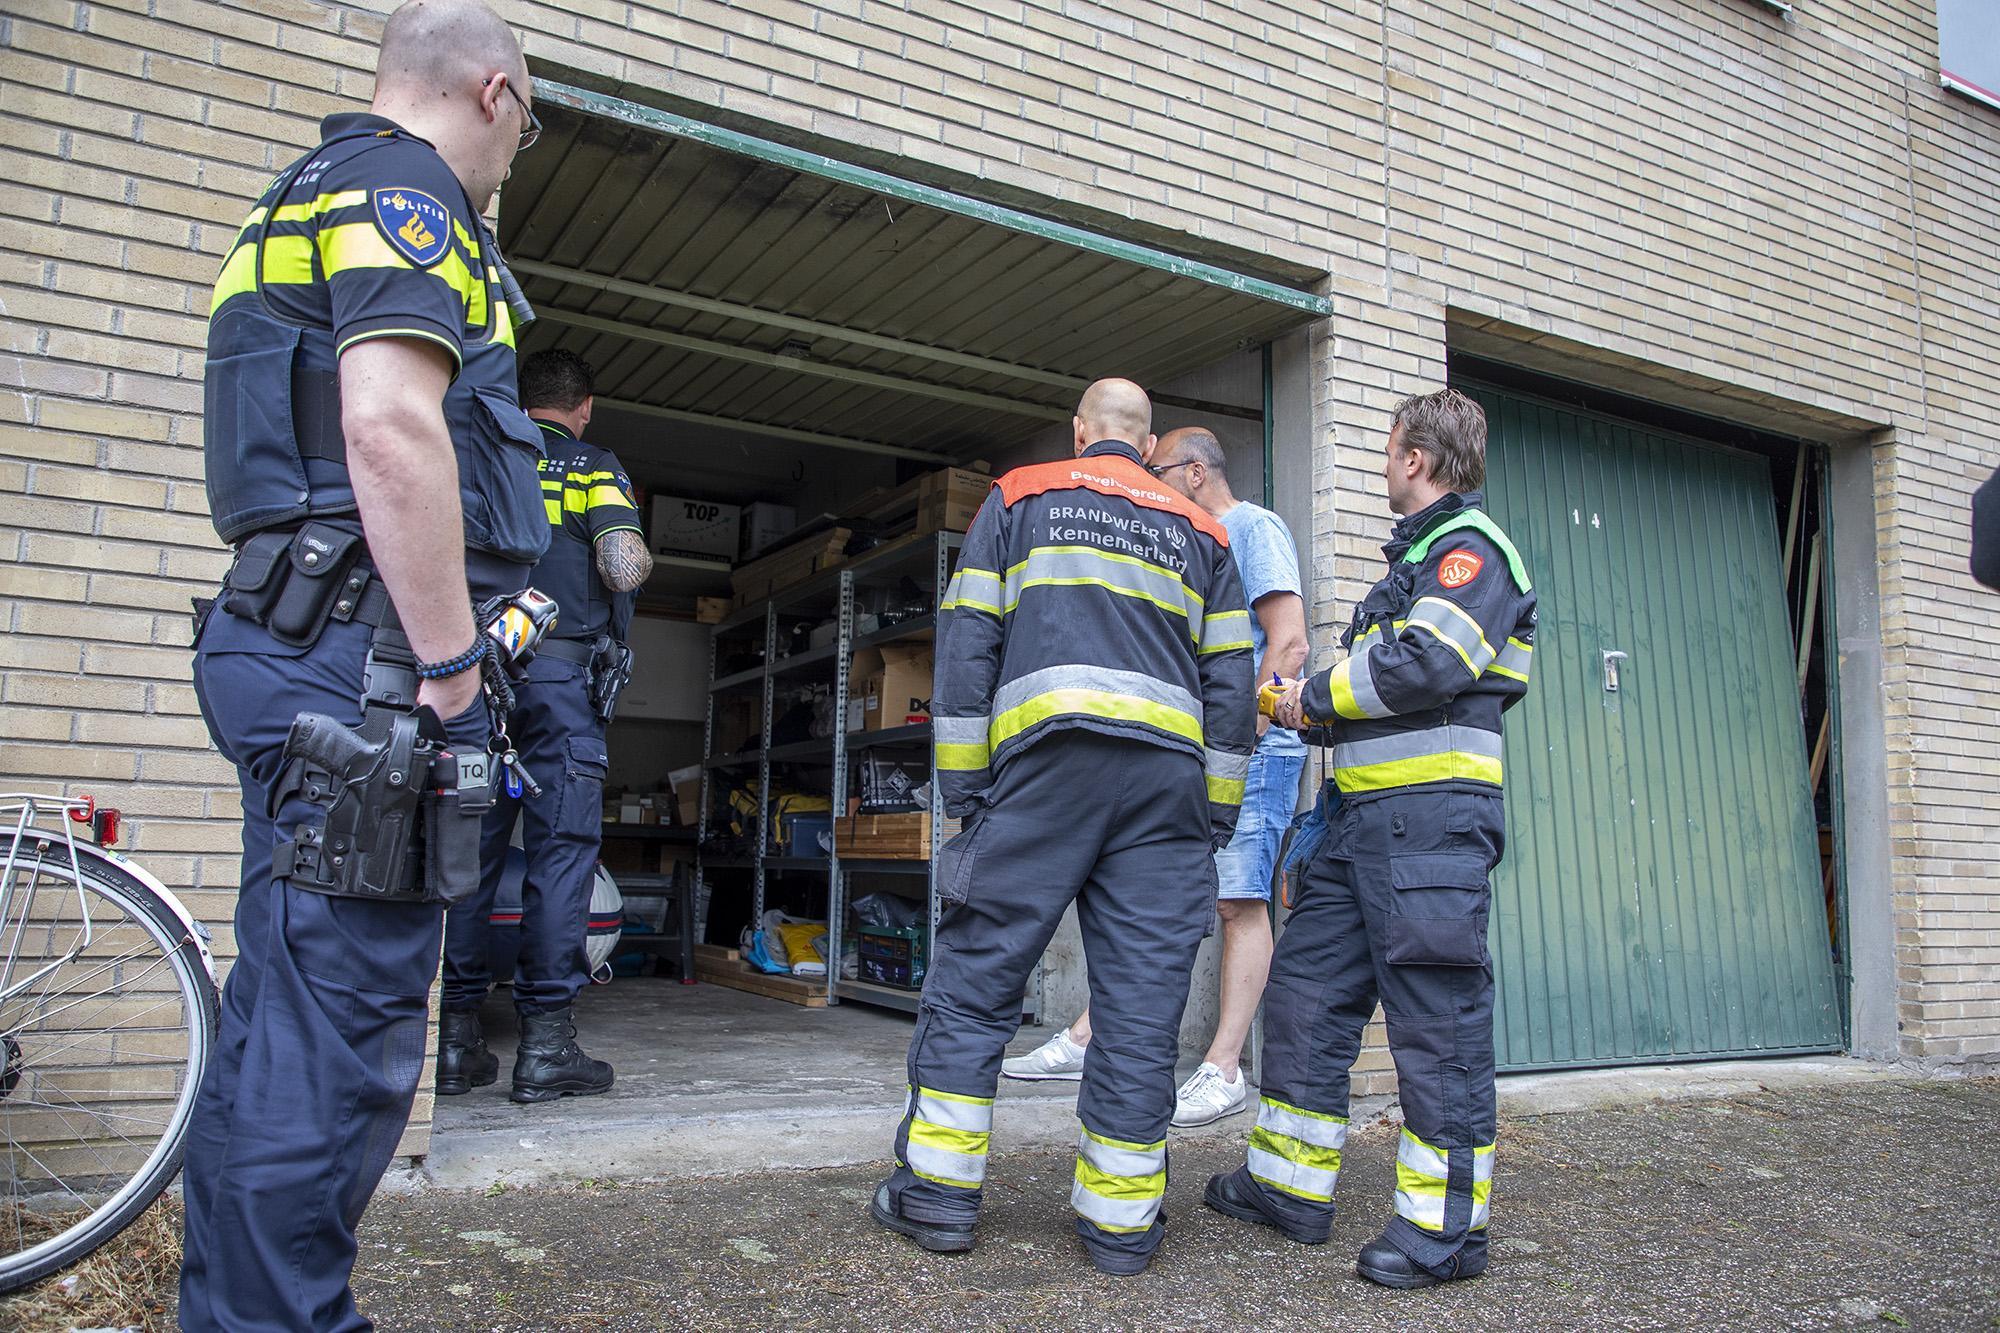 Garageboxen opengebroken in onderzoek naar stankoverlast Haarlemse Gaasterlandstraat